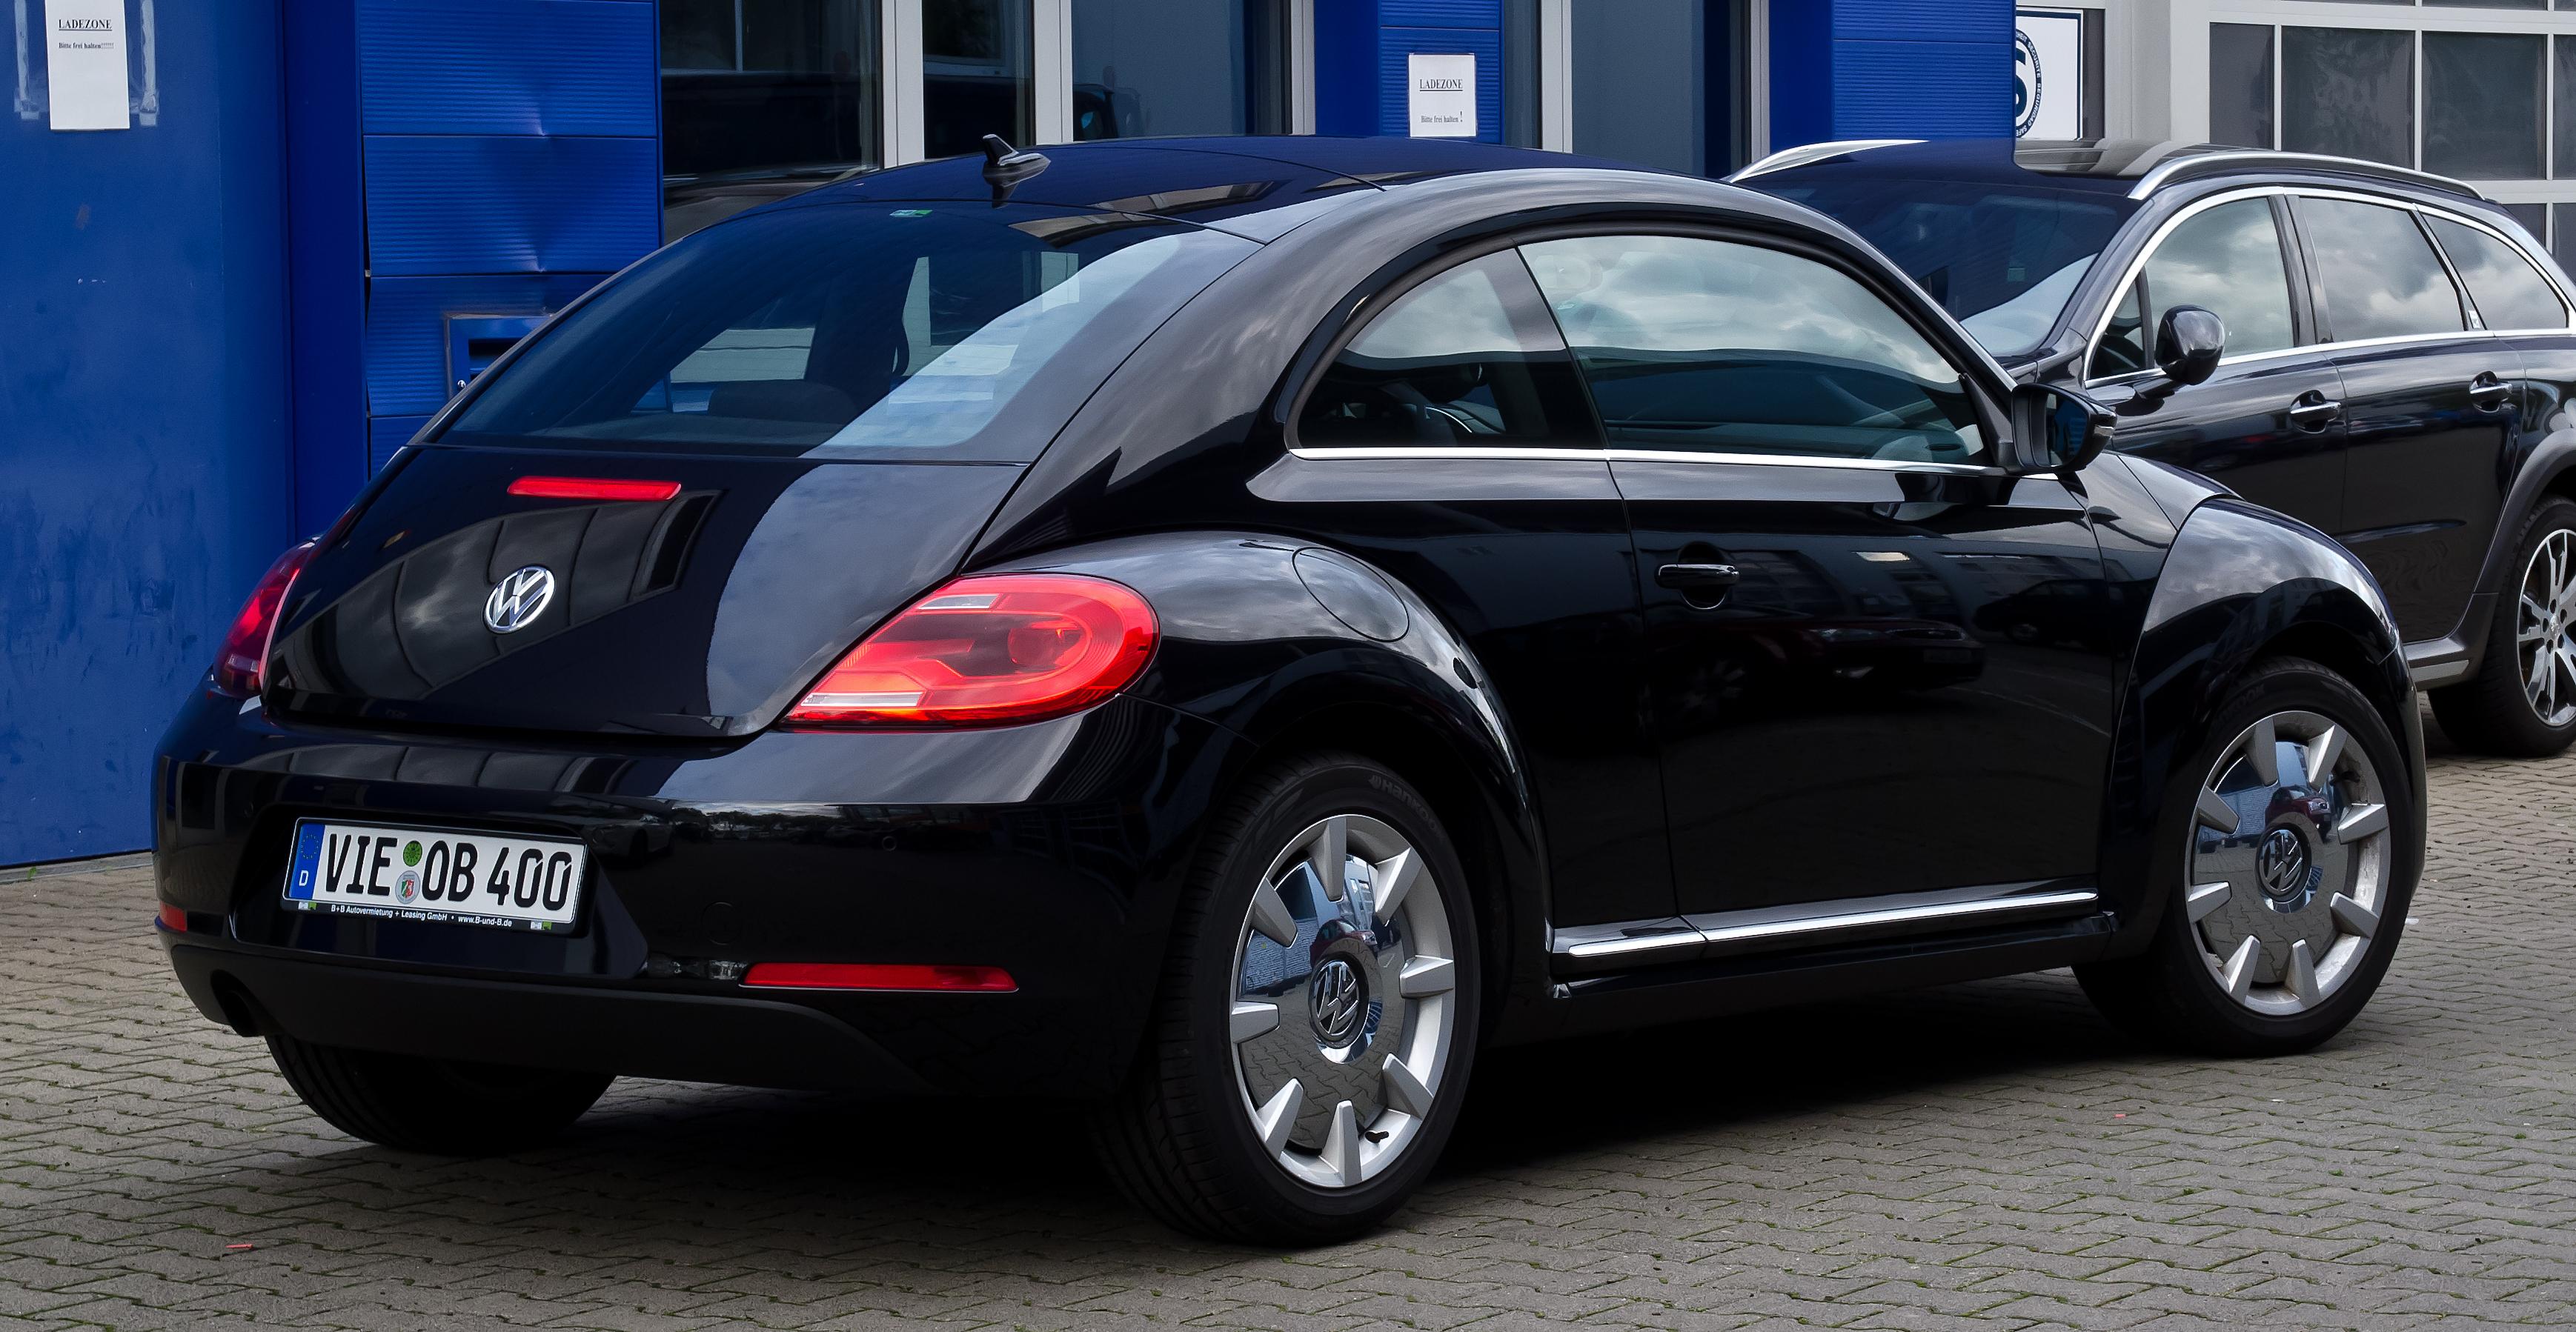 Who Designed The Vw Beetle >> File:VW Beetle Design – Heckansicht, 8. Juli 2012